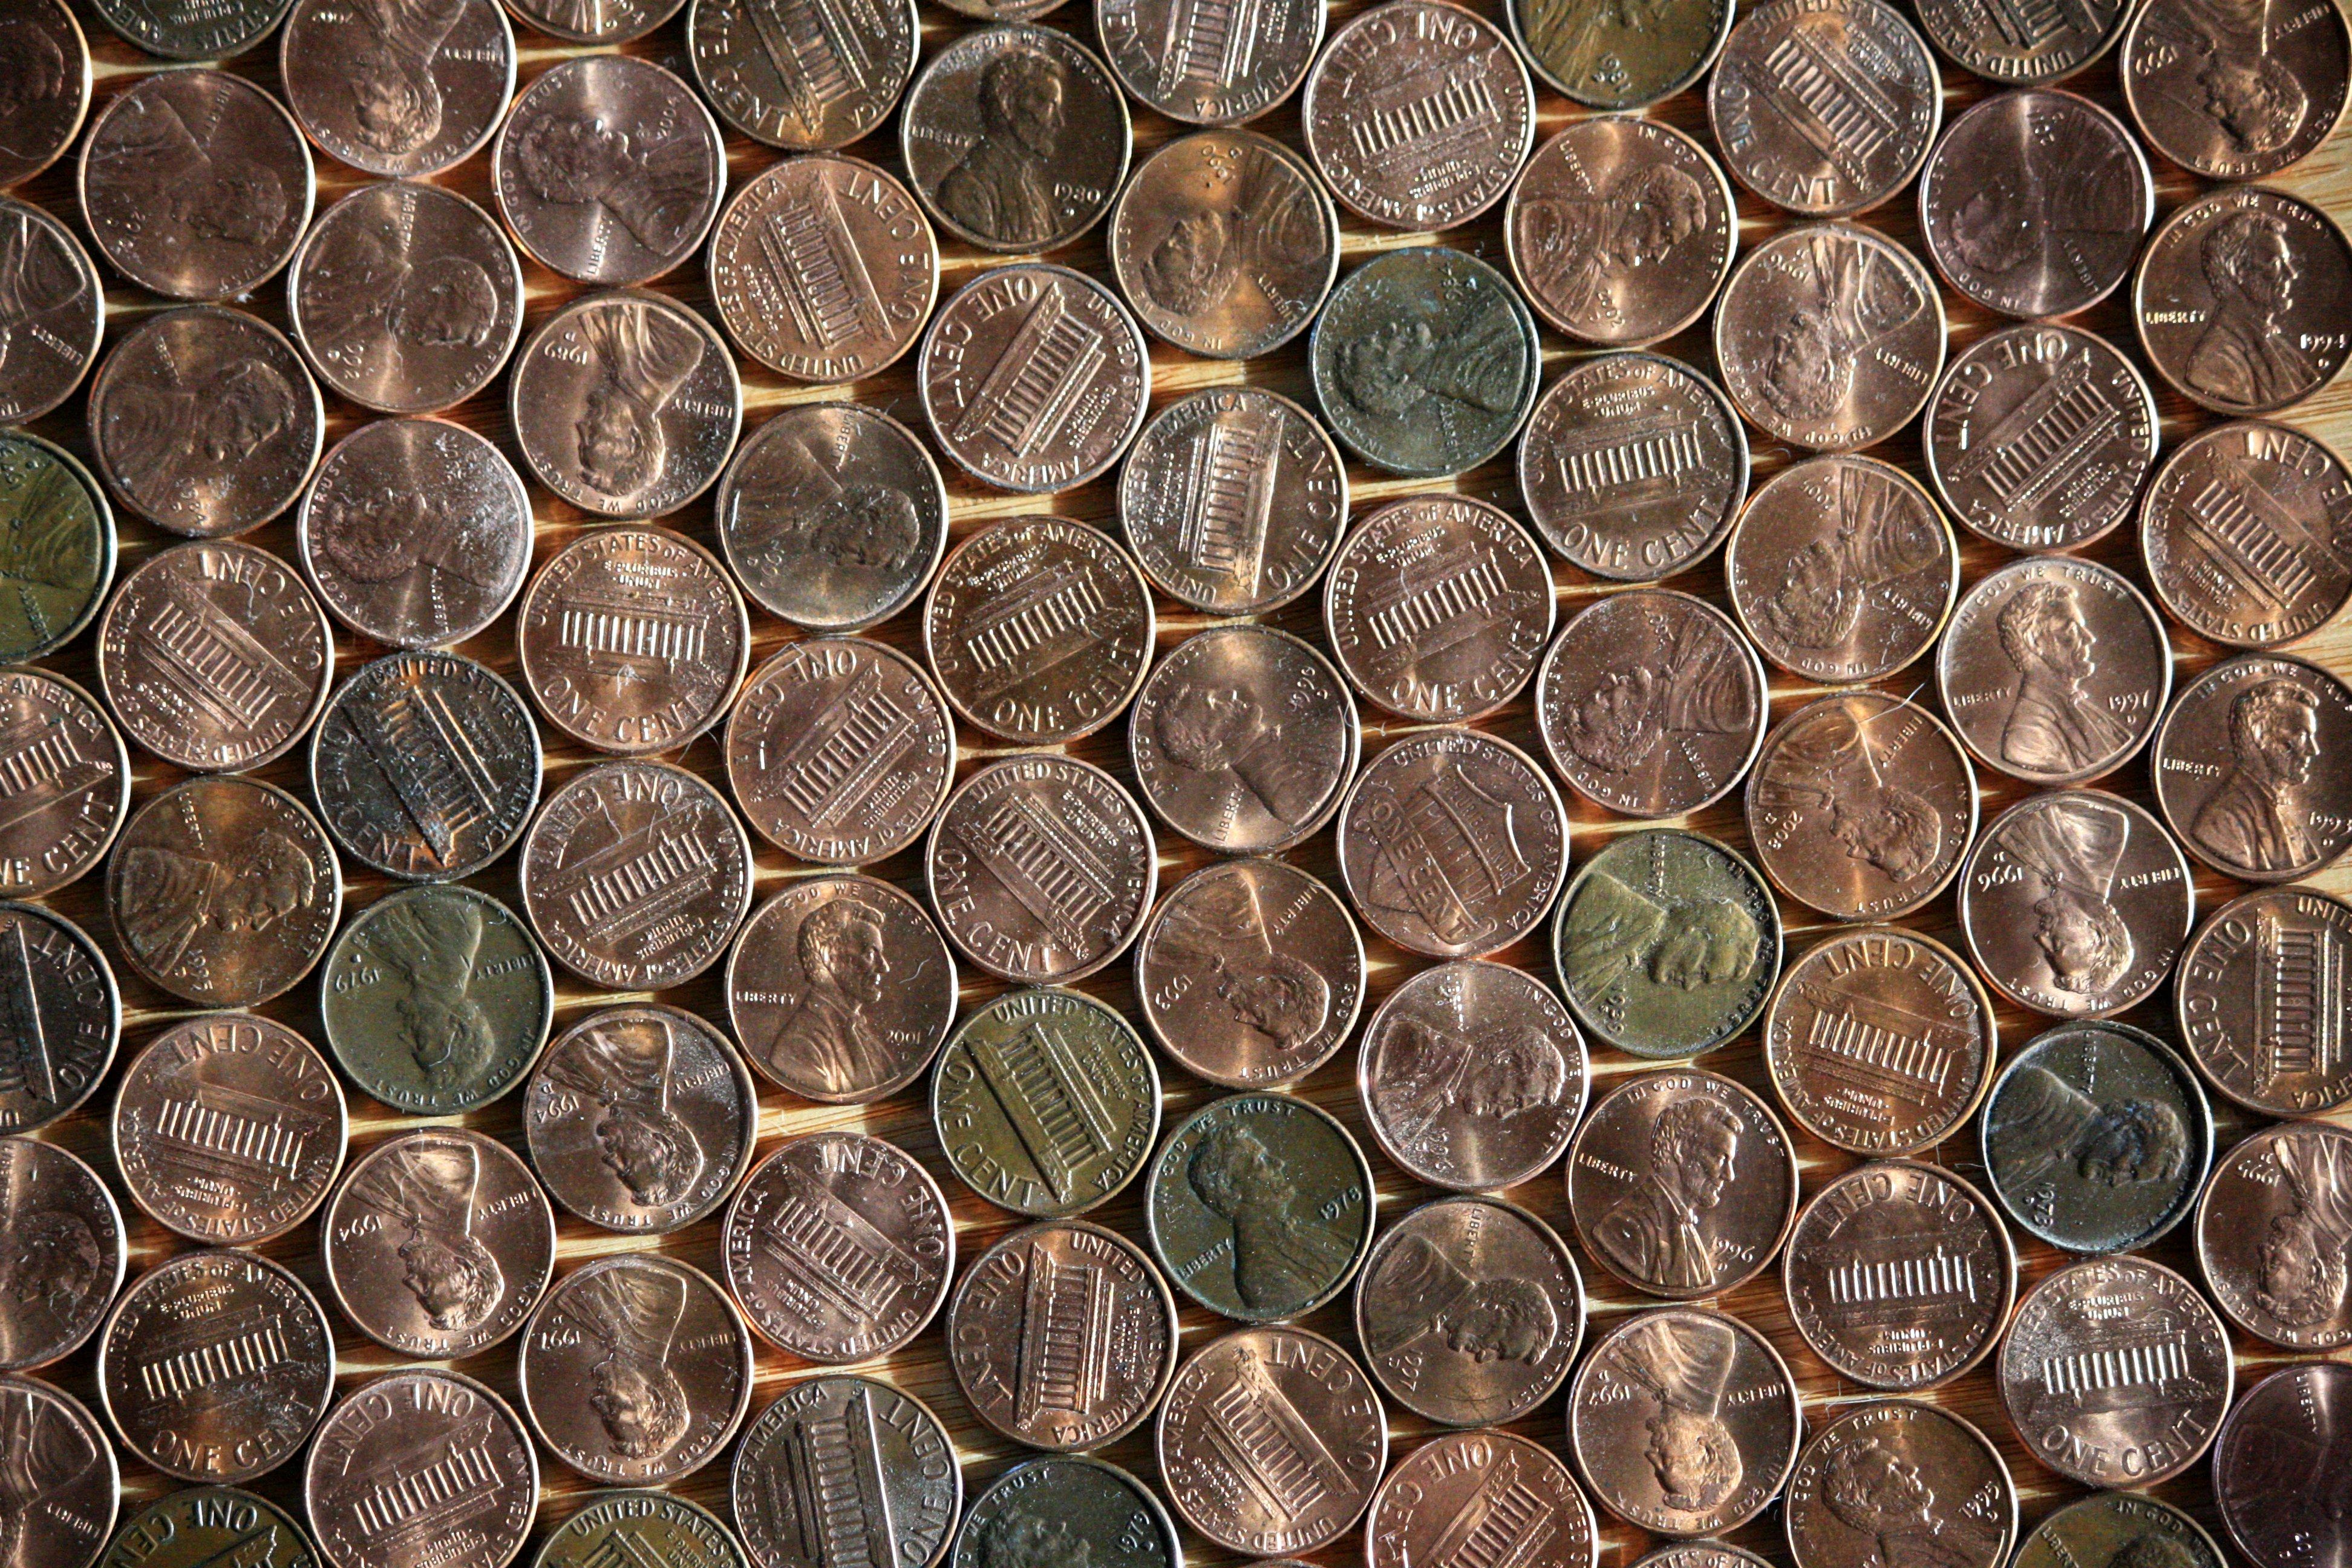 Pennies Texture Picture | Free Photograph | Photos Public Domain